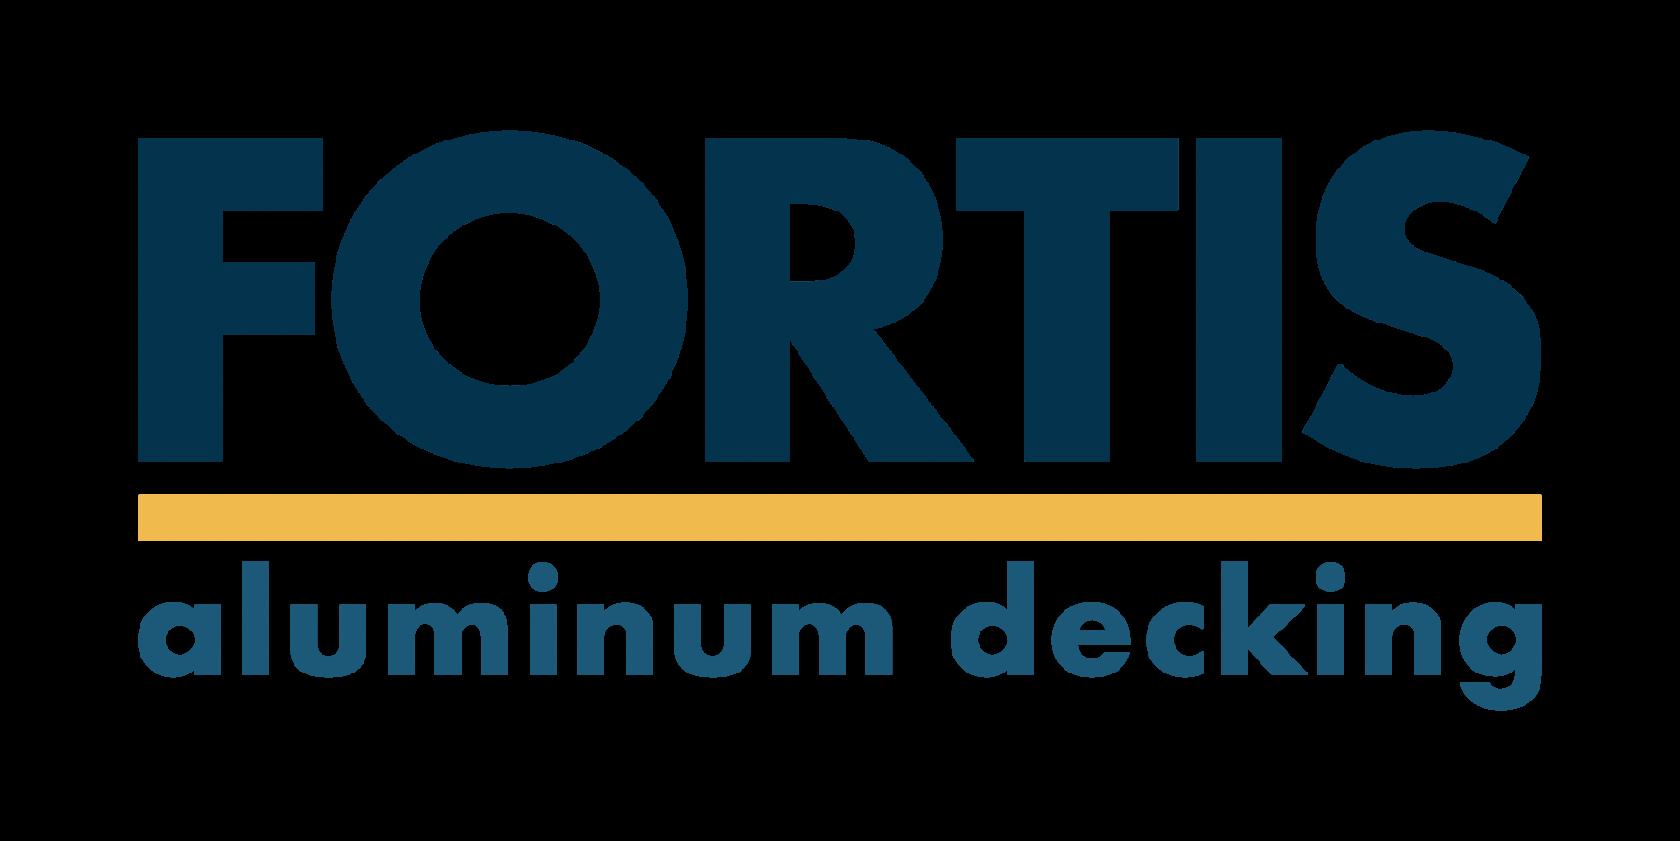 Fortis aluminum decking interlocking decking boards new logo large